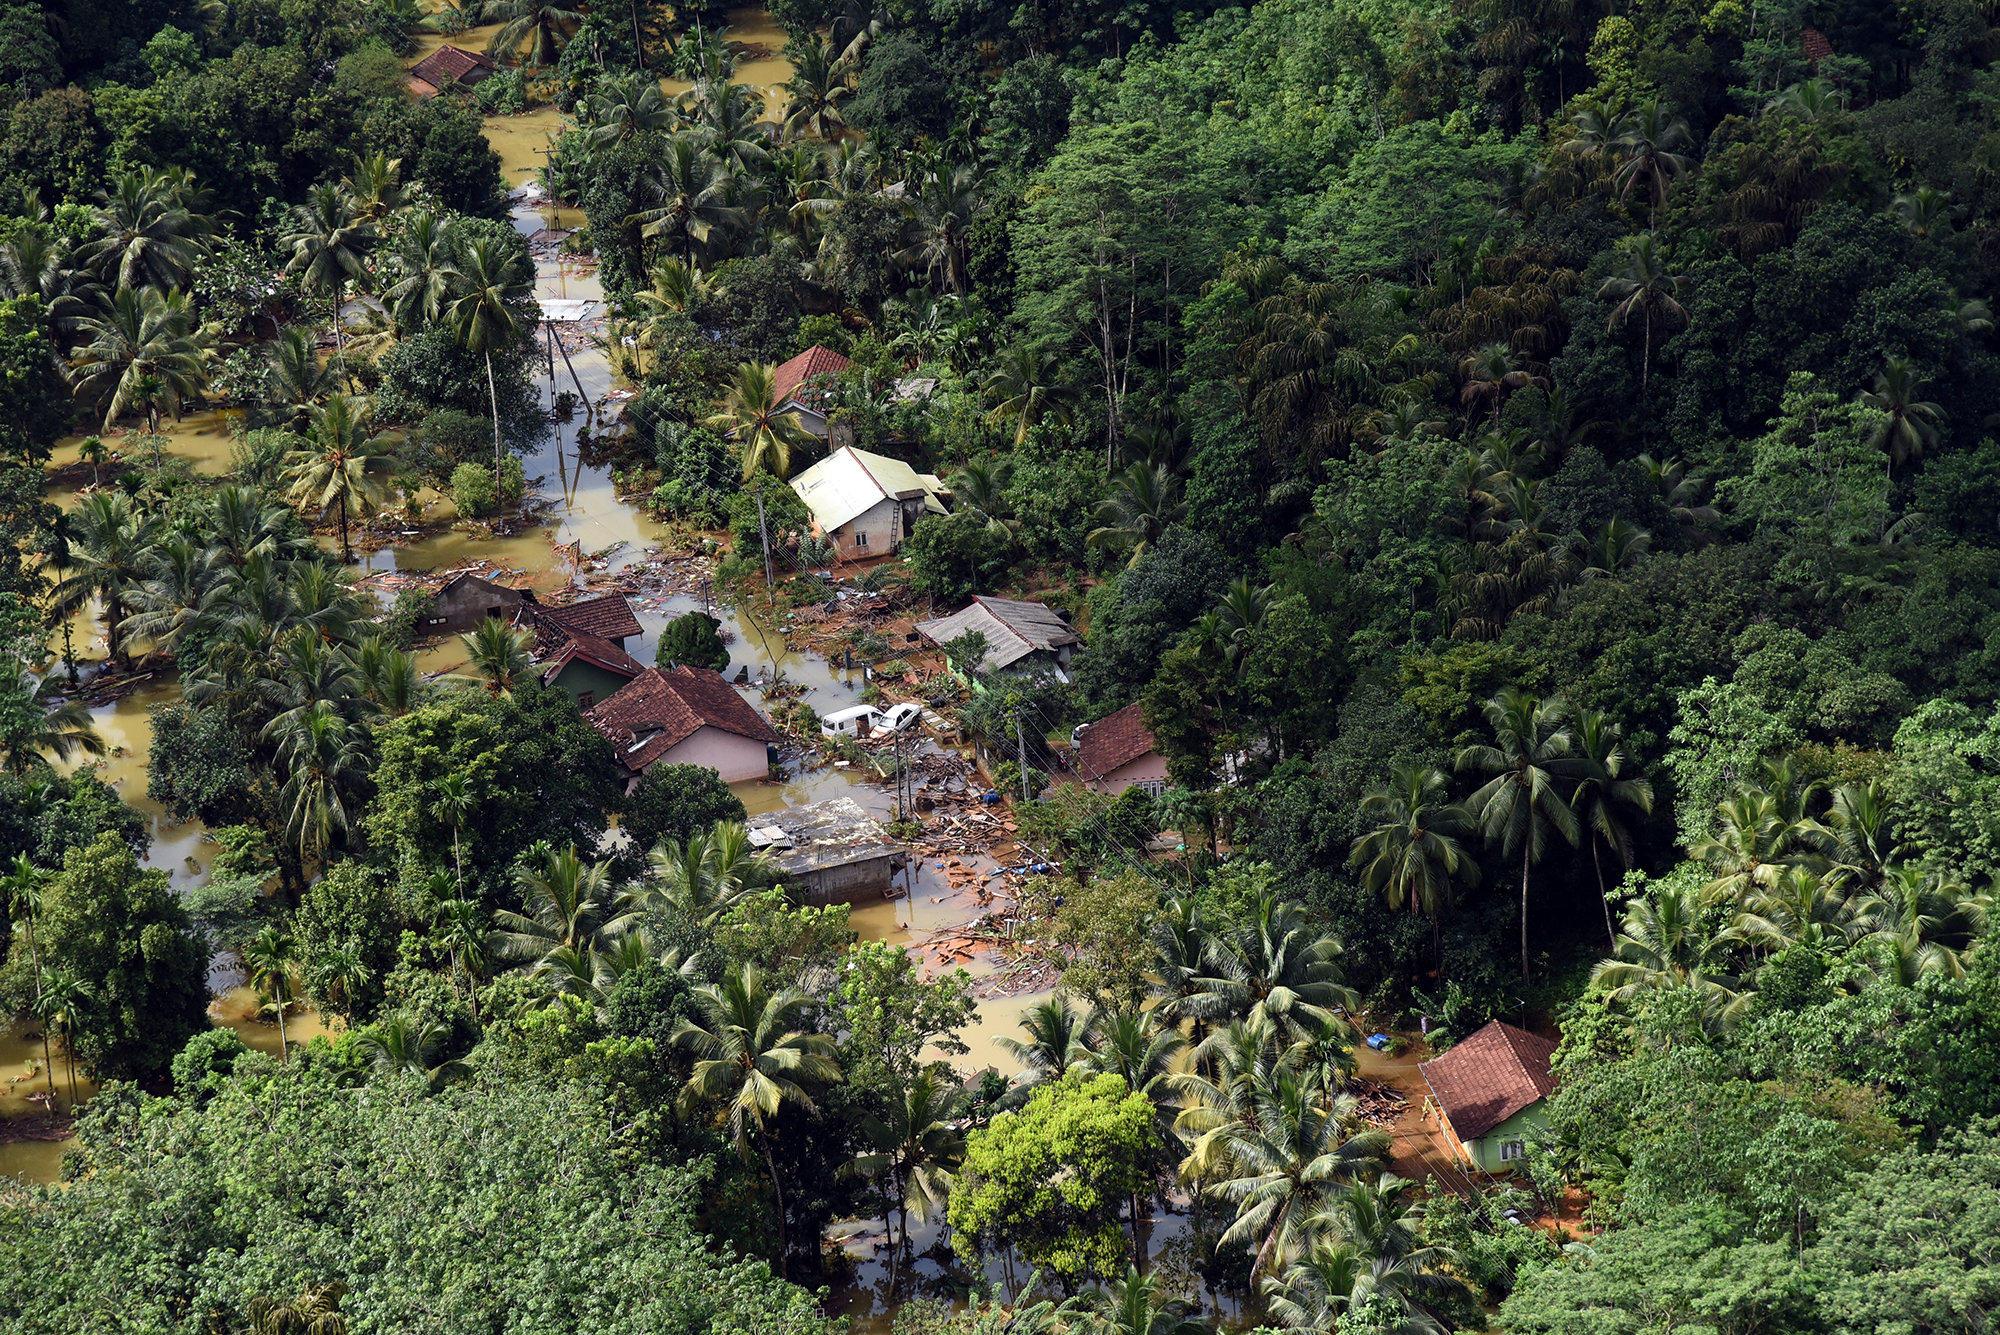 Over 200 Dead In Sri Lanka Mudslides Floods Cbs News